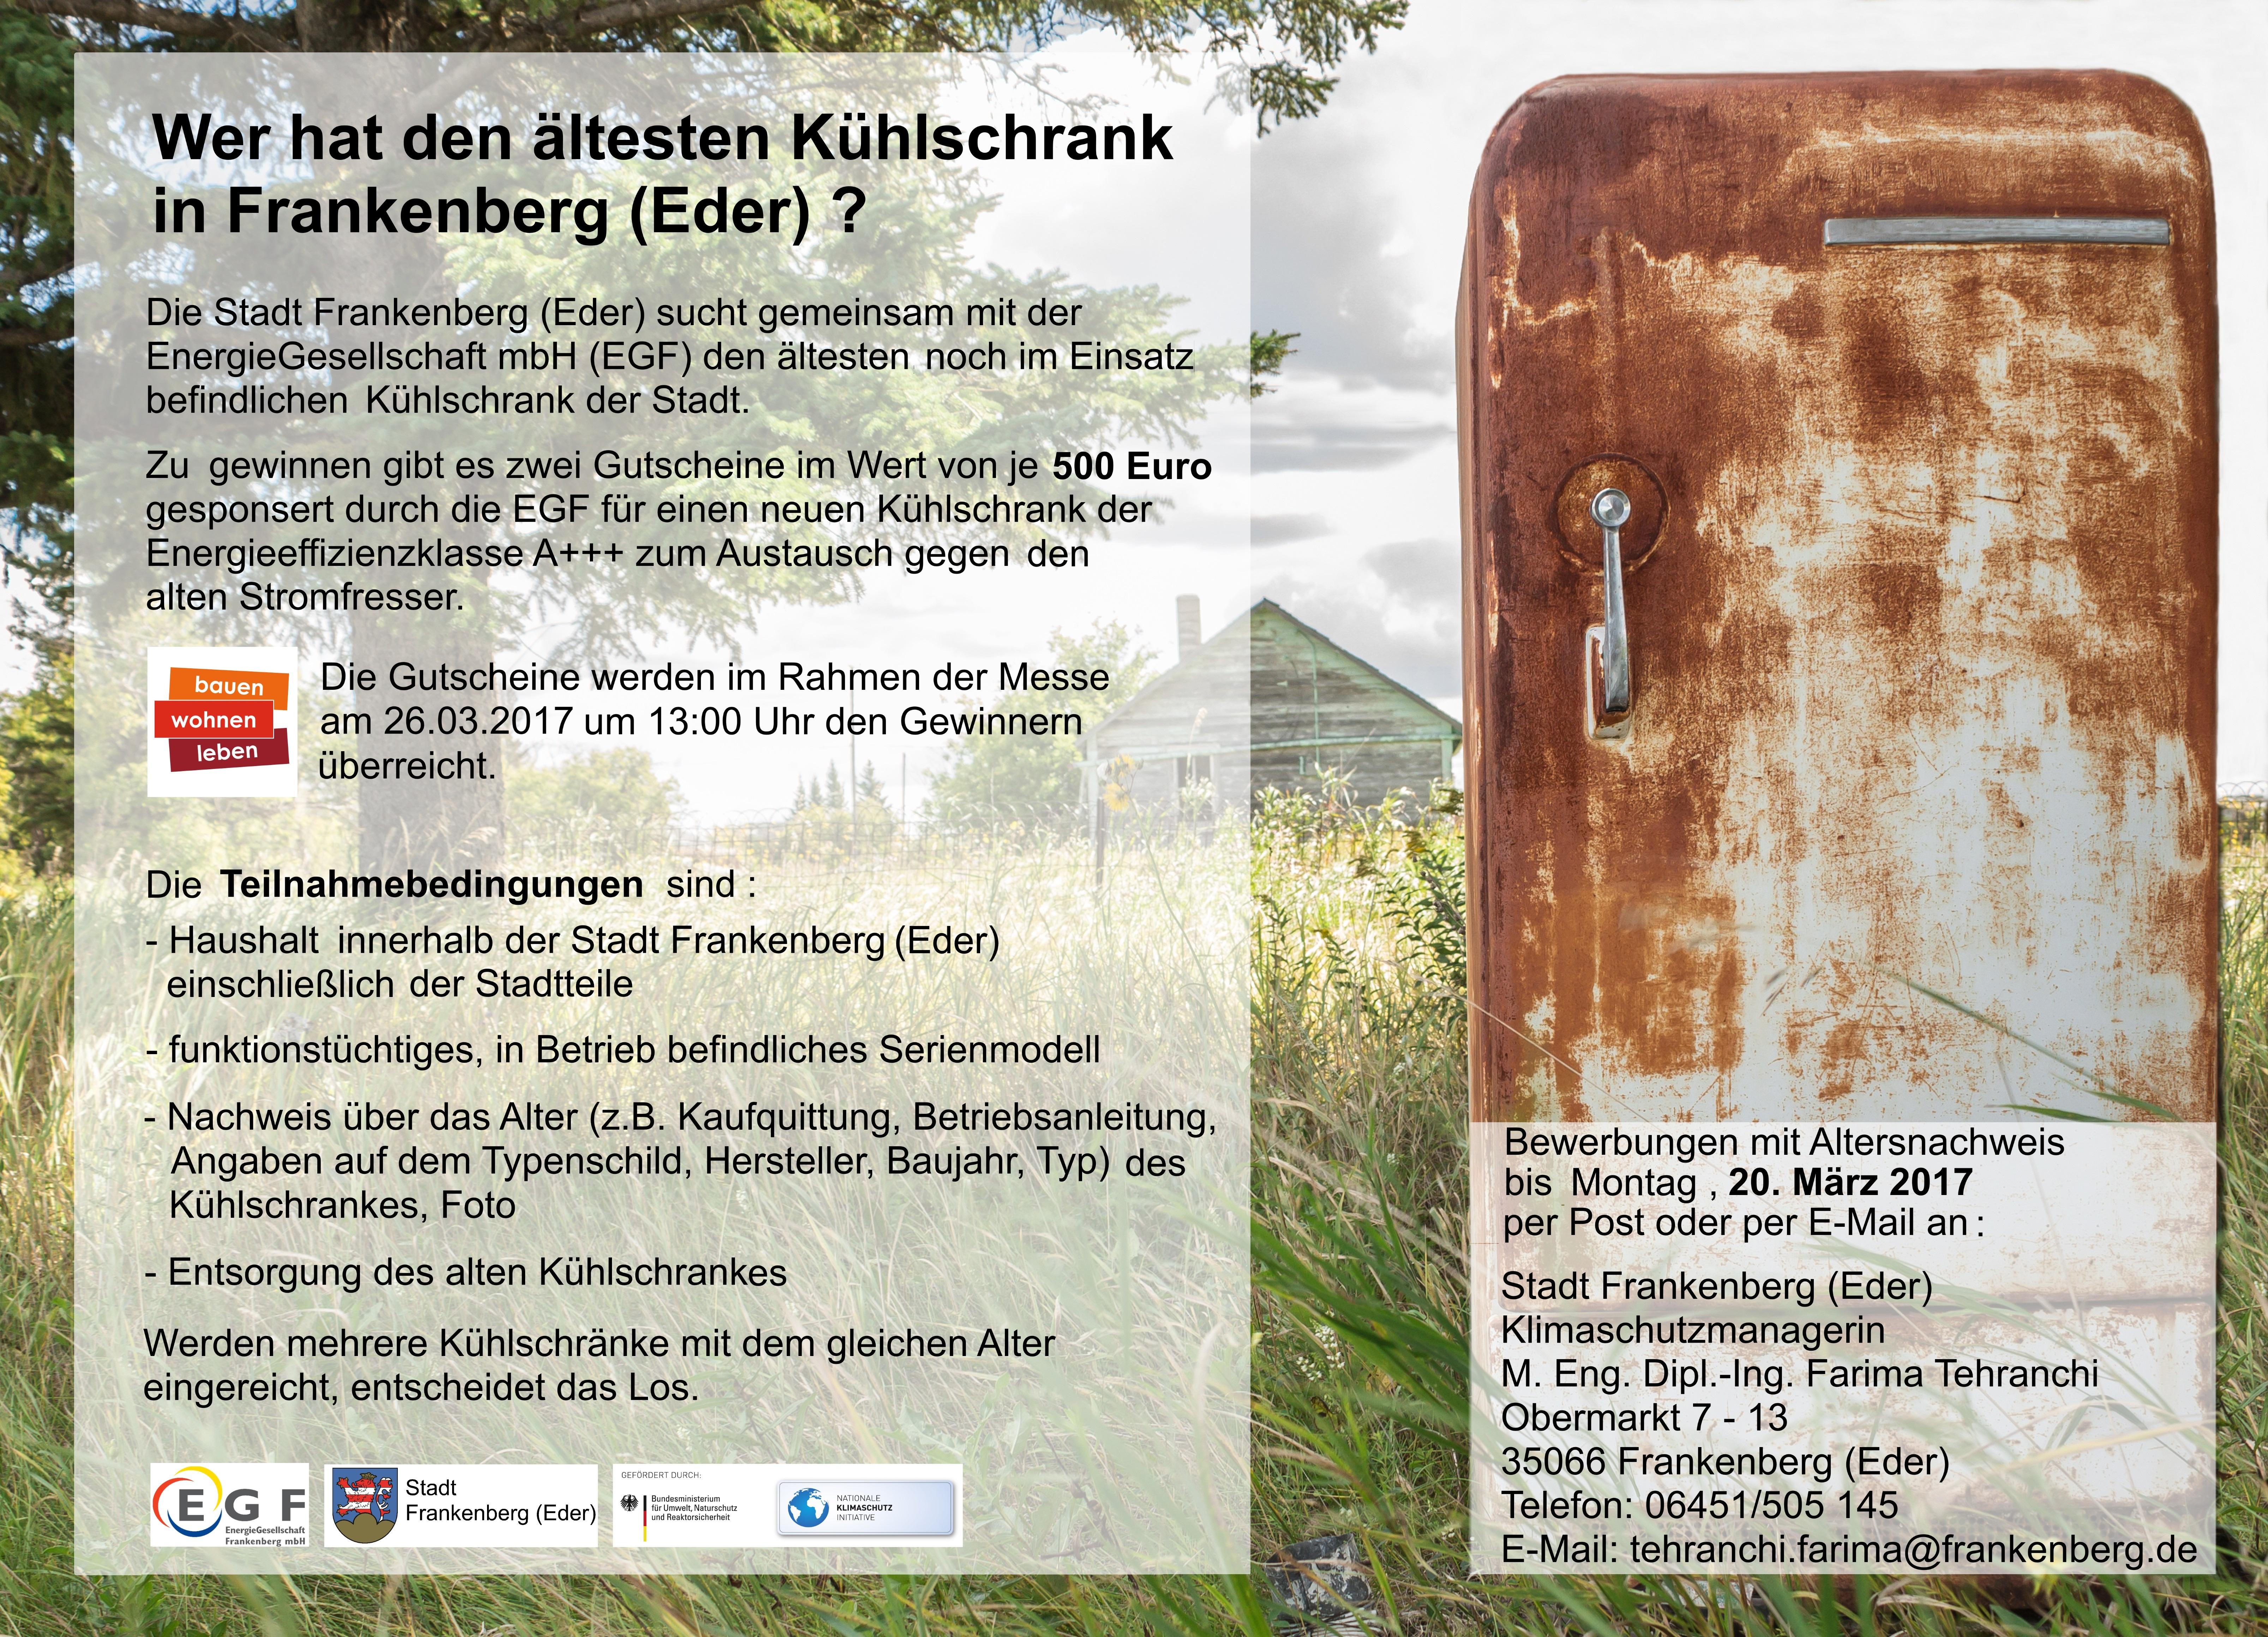 Altester Kuhlschrank Frankenbergs Gesucht Stadt Frankenberg Eder